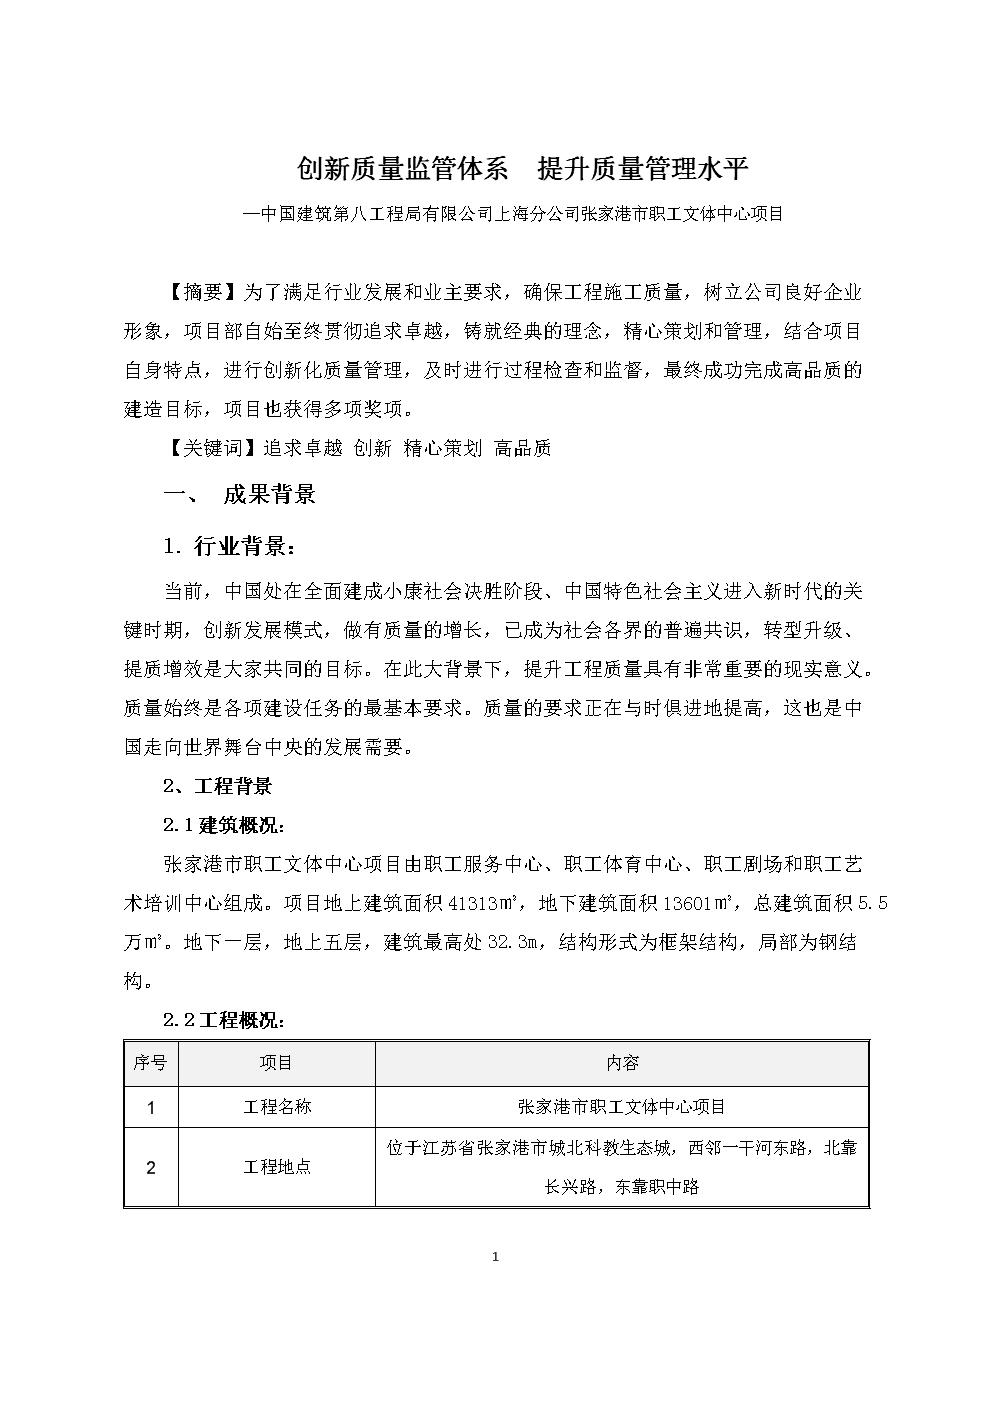 张家港市职工文体中心项目——创新质量监管体系  提升质量管理水平.doc